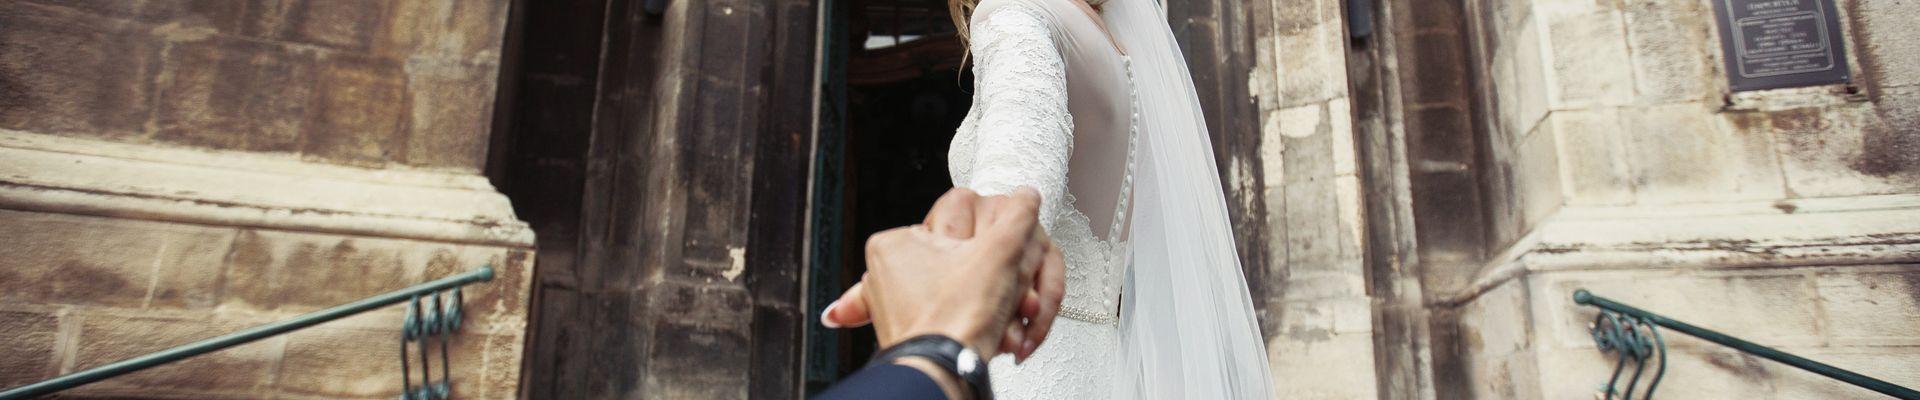 Kirche, Kirchlich heiraten, Hochzeit in der Kirche